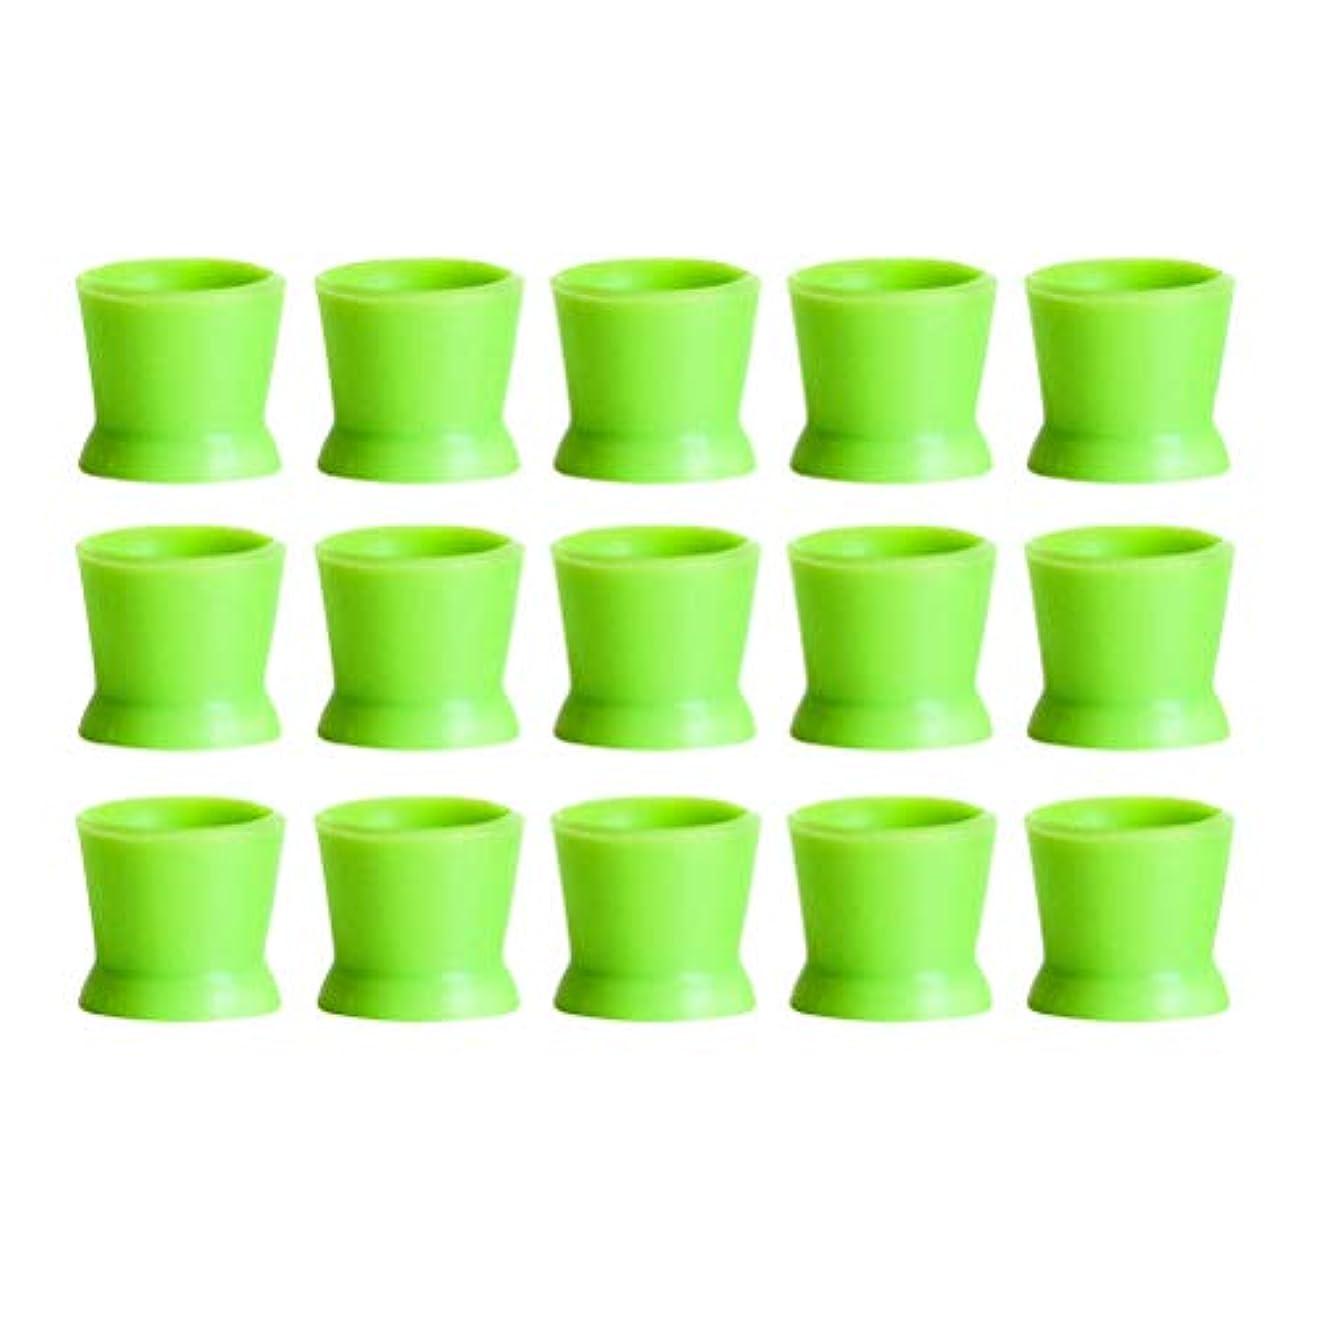 ゆりトロリーバスマリンHealifty 300PCSシリコンタトゥーインクカップ使い捨てマイクロブレーディングピグメントキャップホルダーコンテナ永久的なまつげメイクアップアイブロー(グリーン)